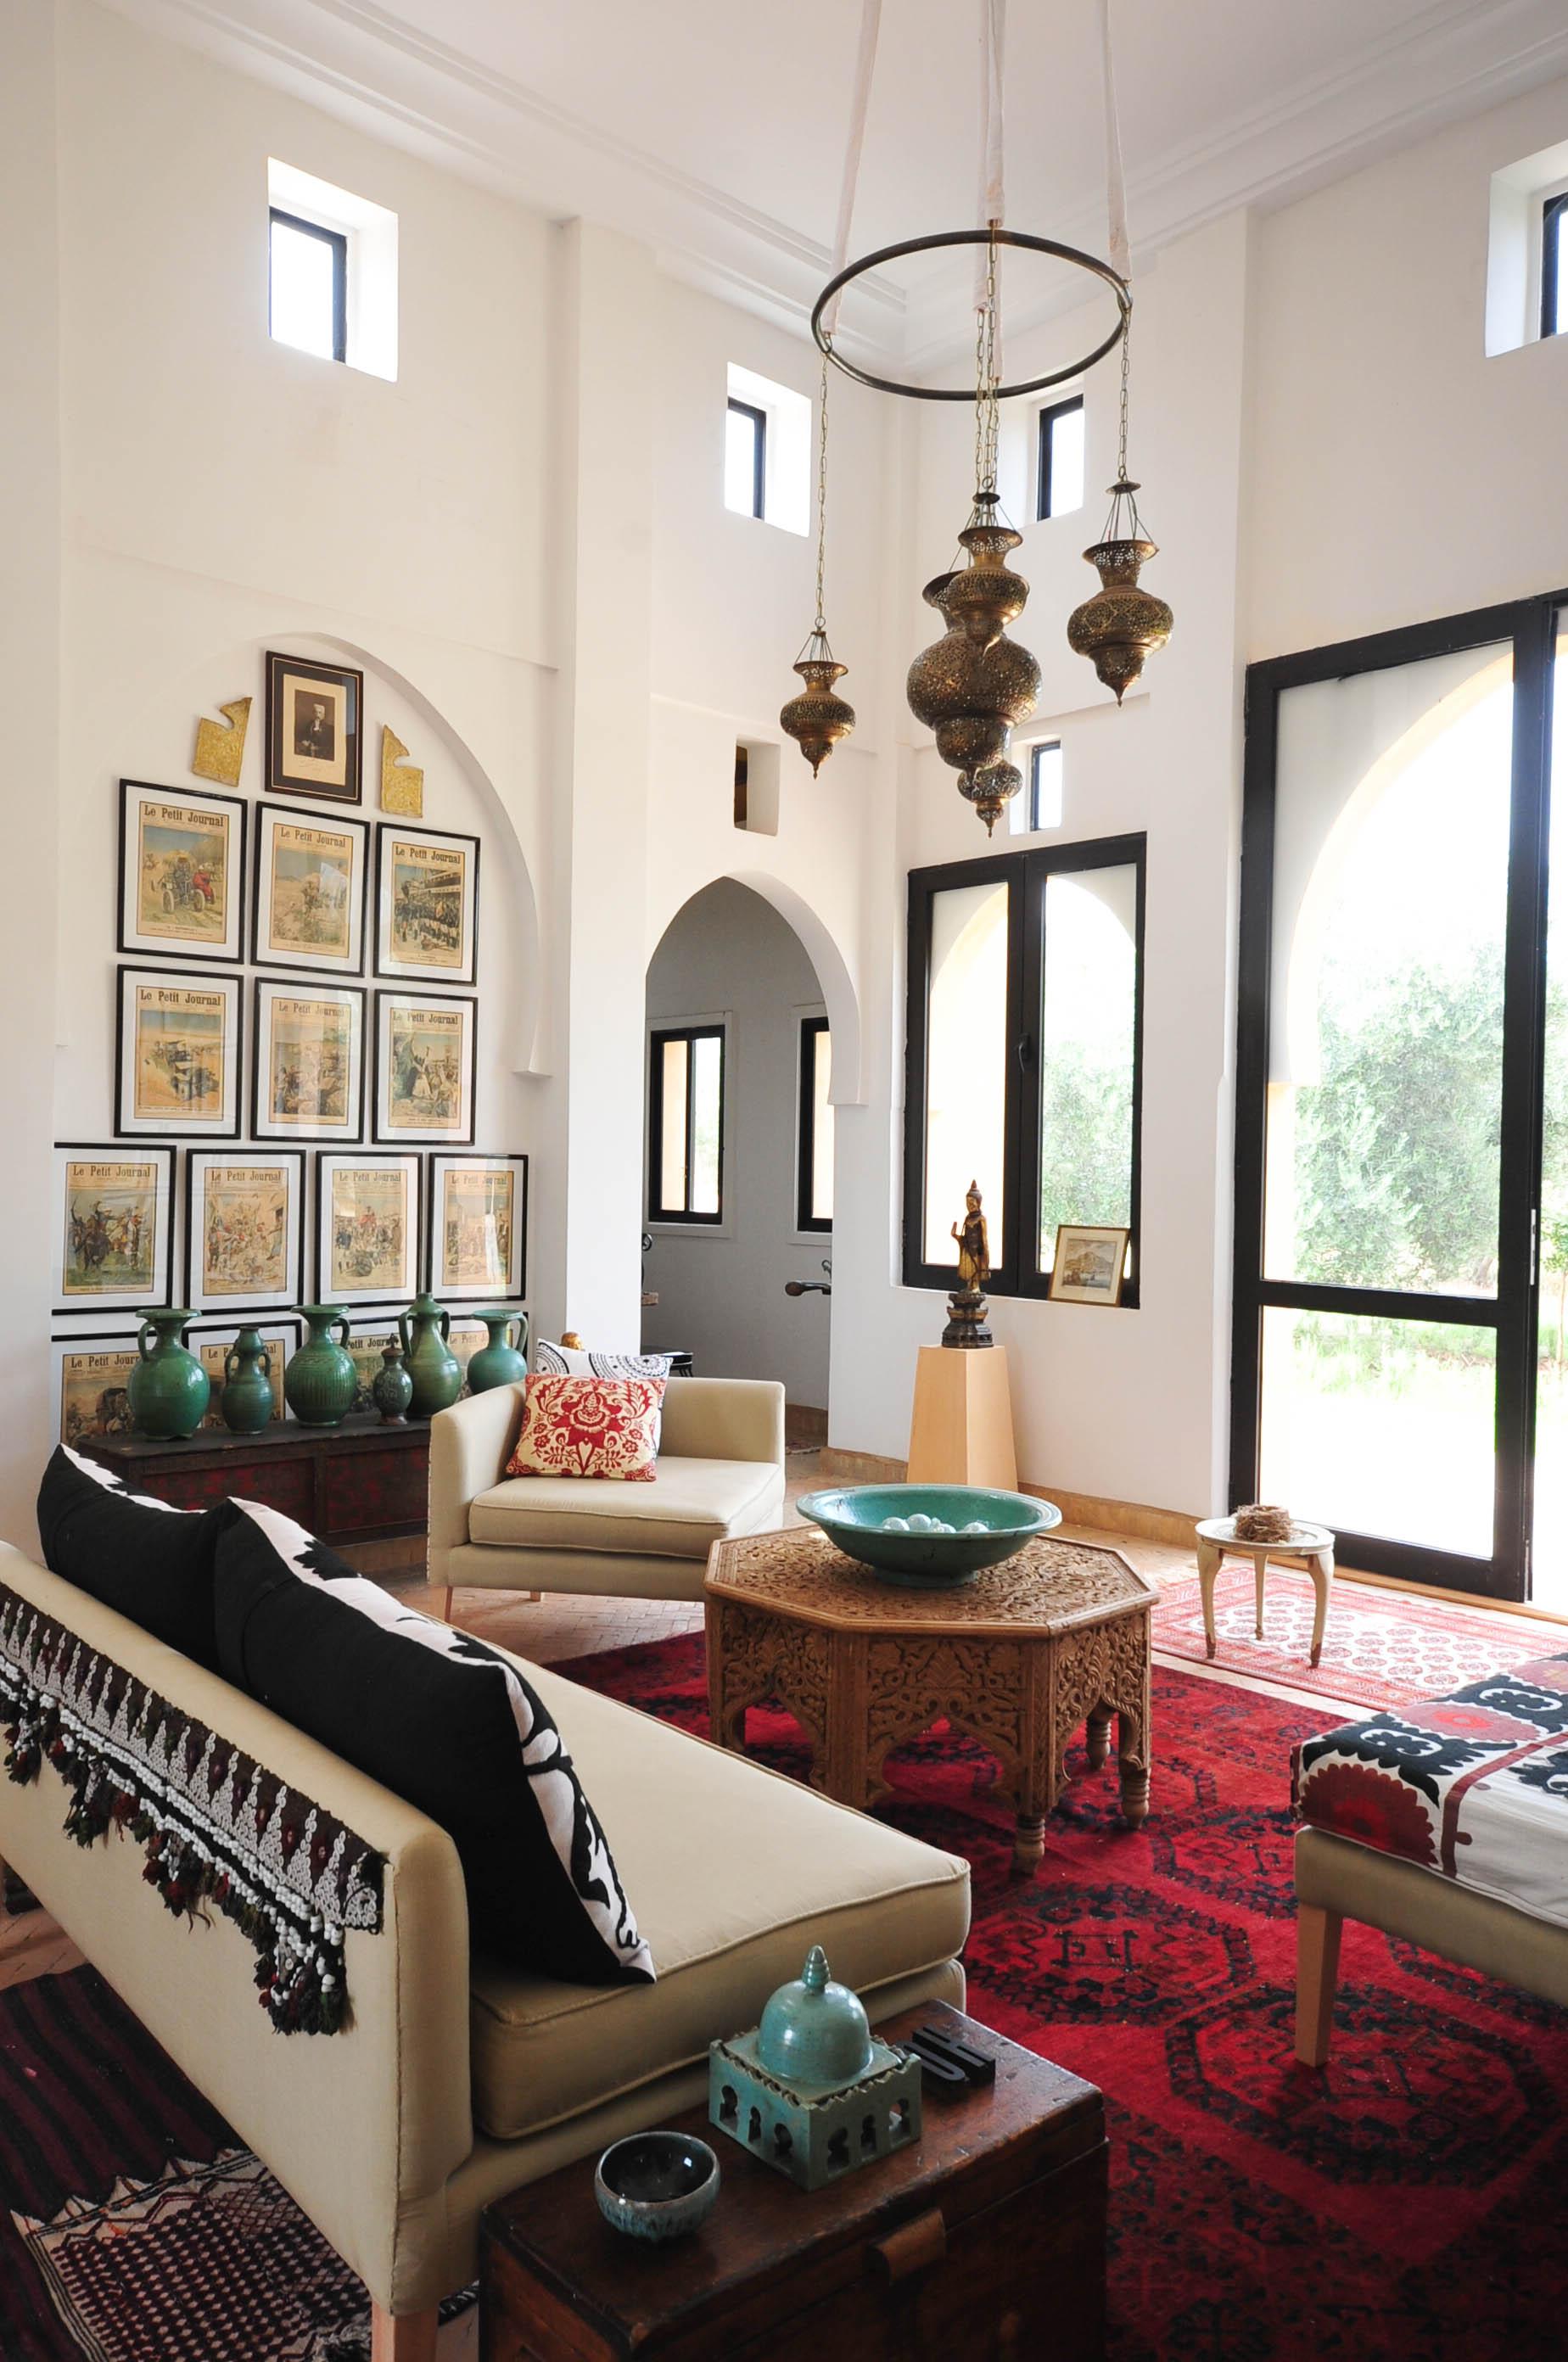 Peacock Pavilions boutique hotel in Marrakech, Morocco – Design by M. Montague - Salon, Medina Pavilion